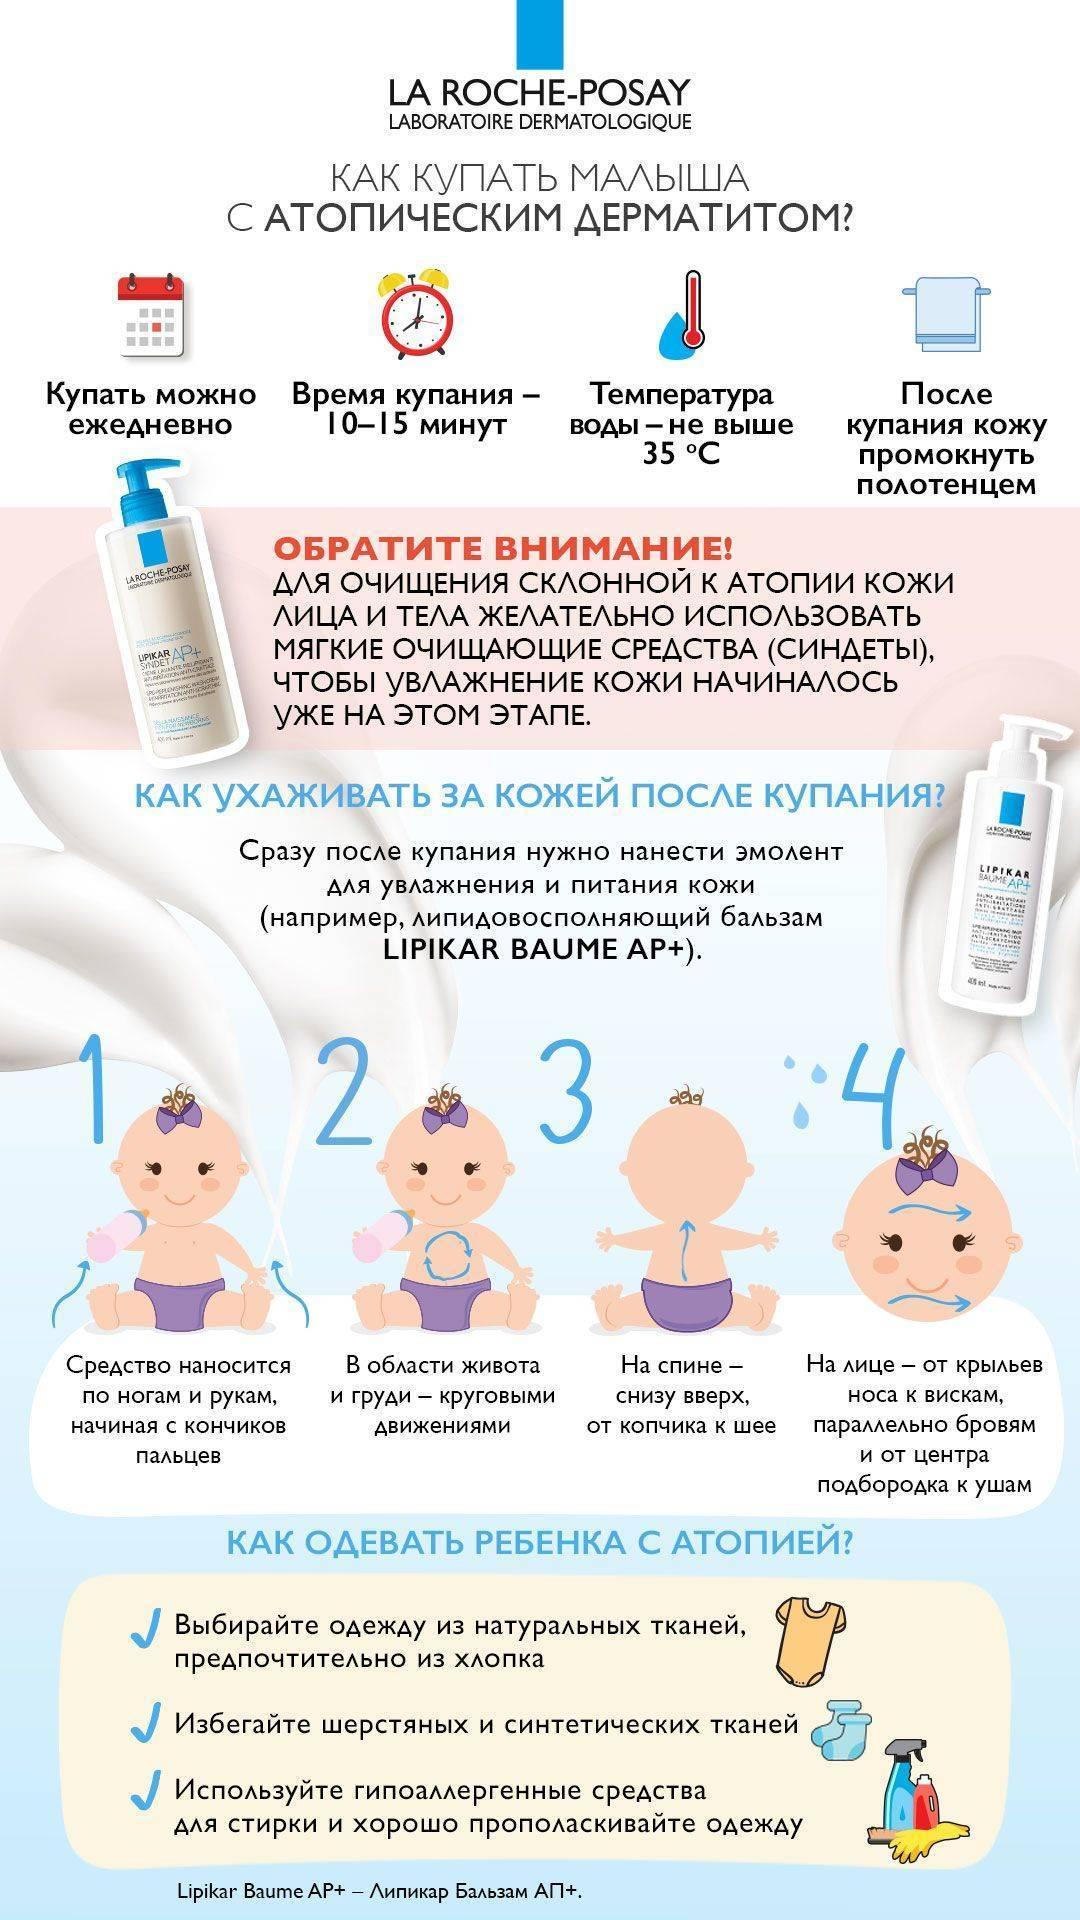 можно ли делать прививки при атопическом дерматите